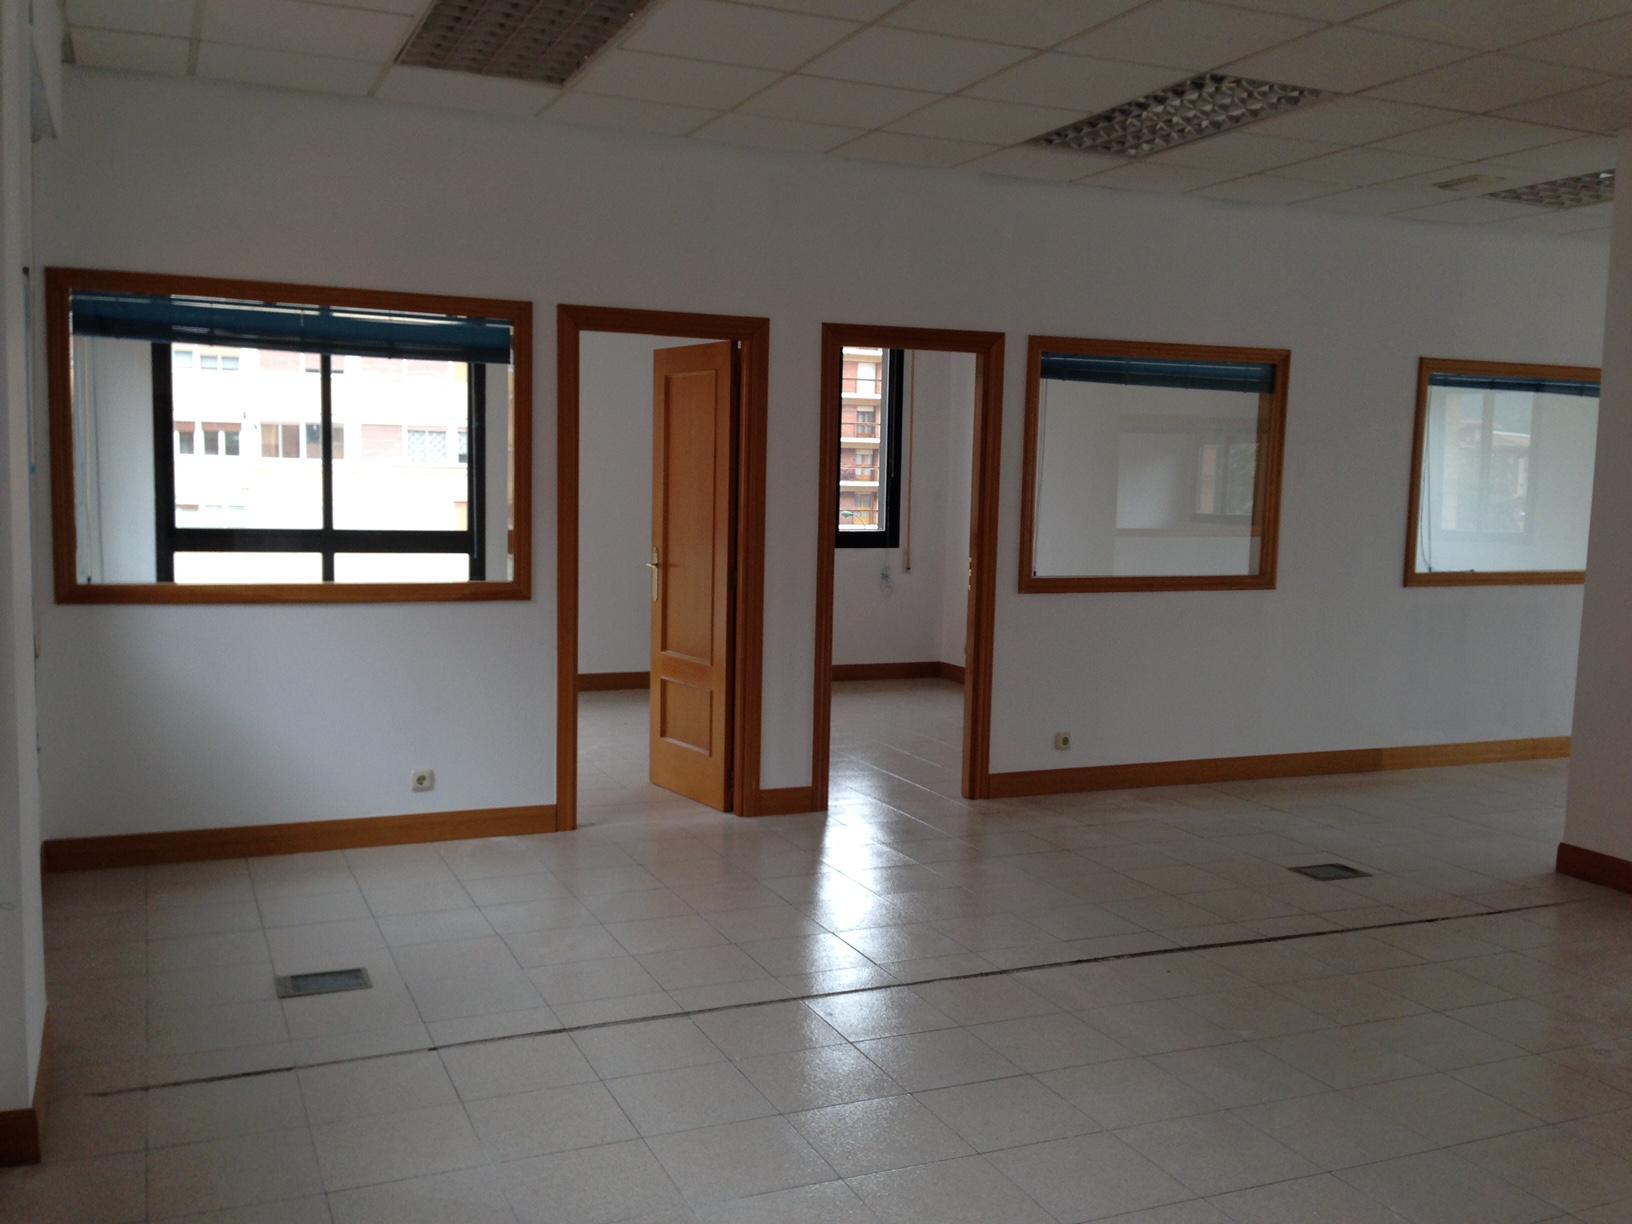 Local-oficina en venta en el centro de Tolosa, Gipuzkoa